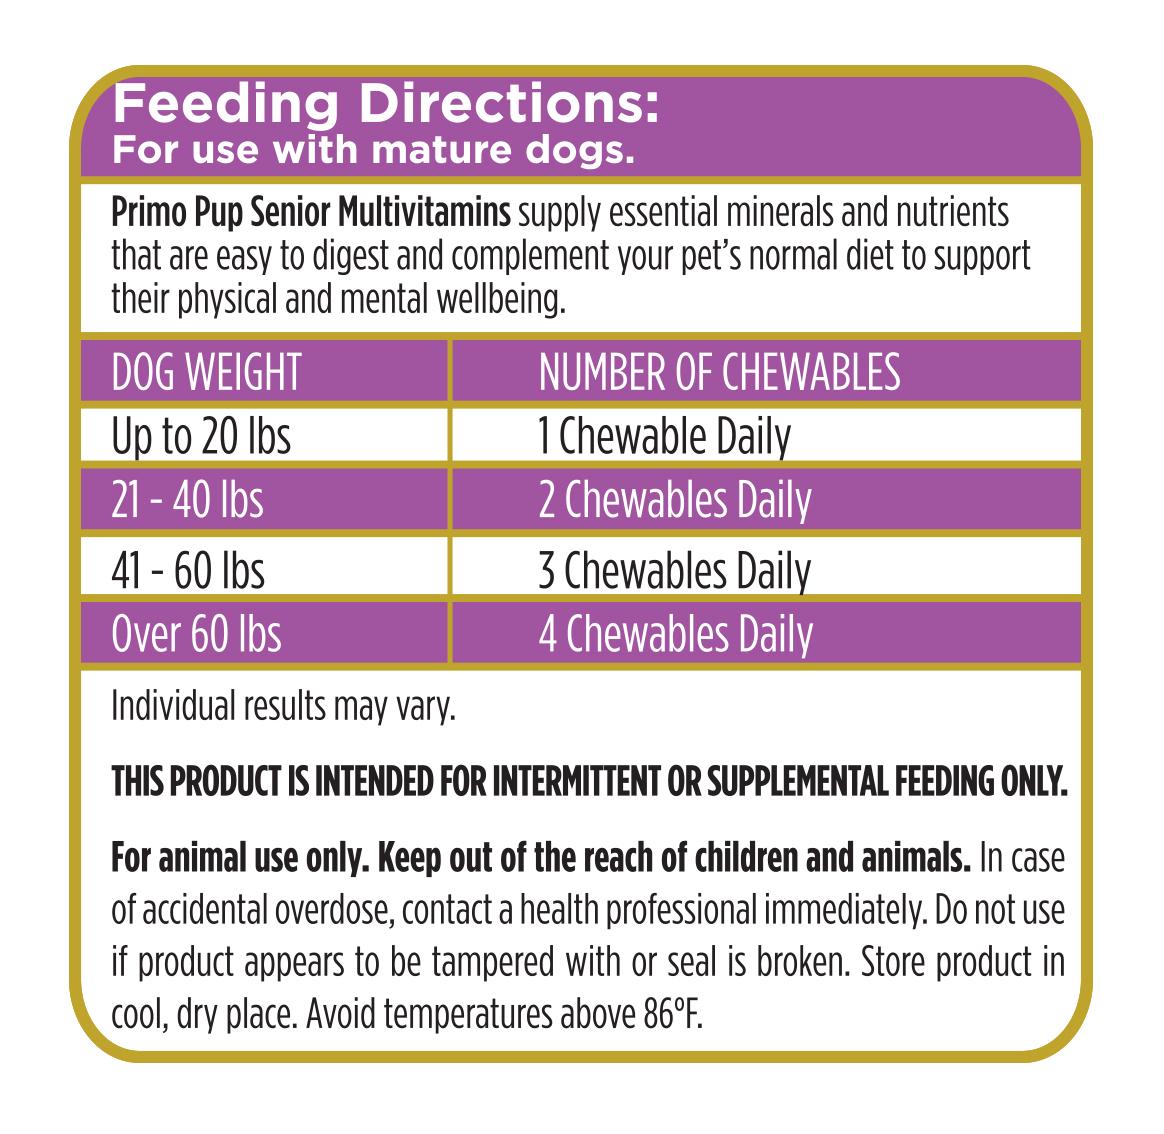 Senior Multivitamin Feeding Directions